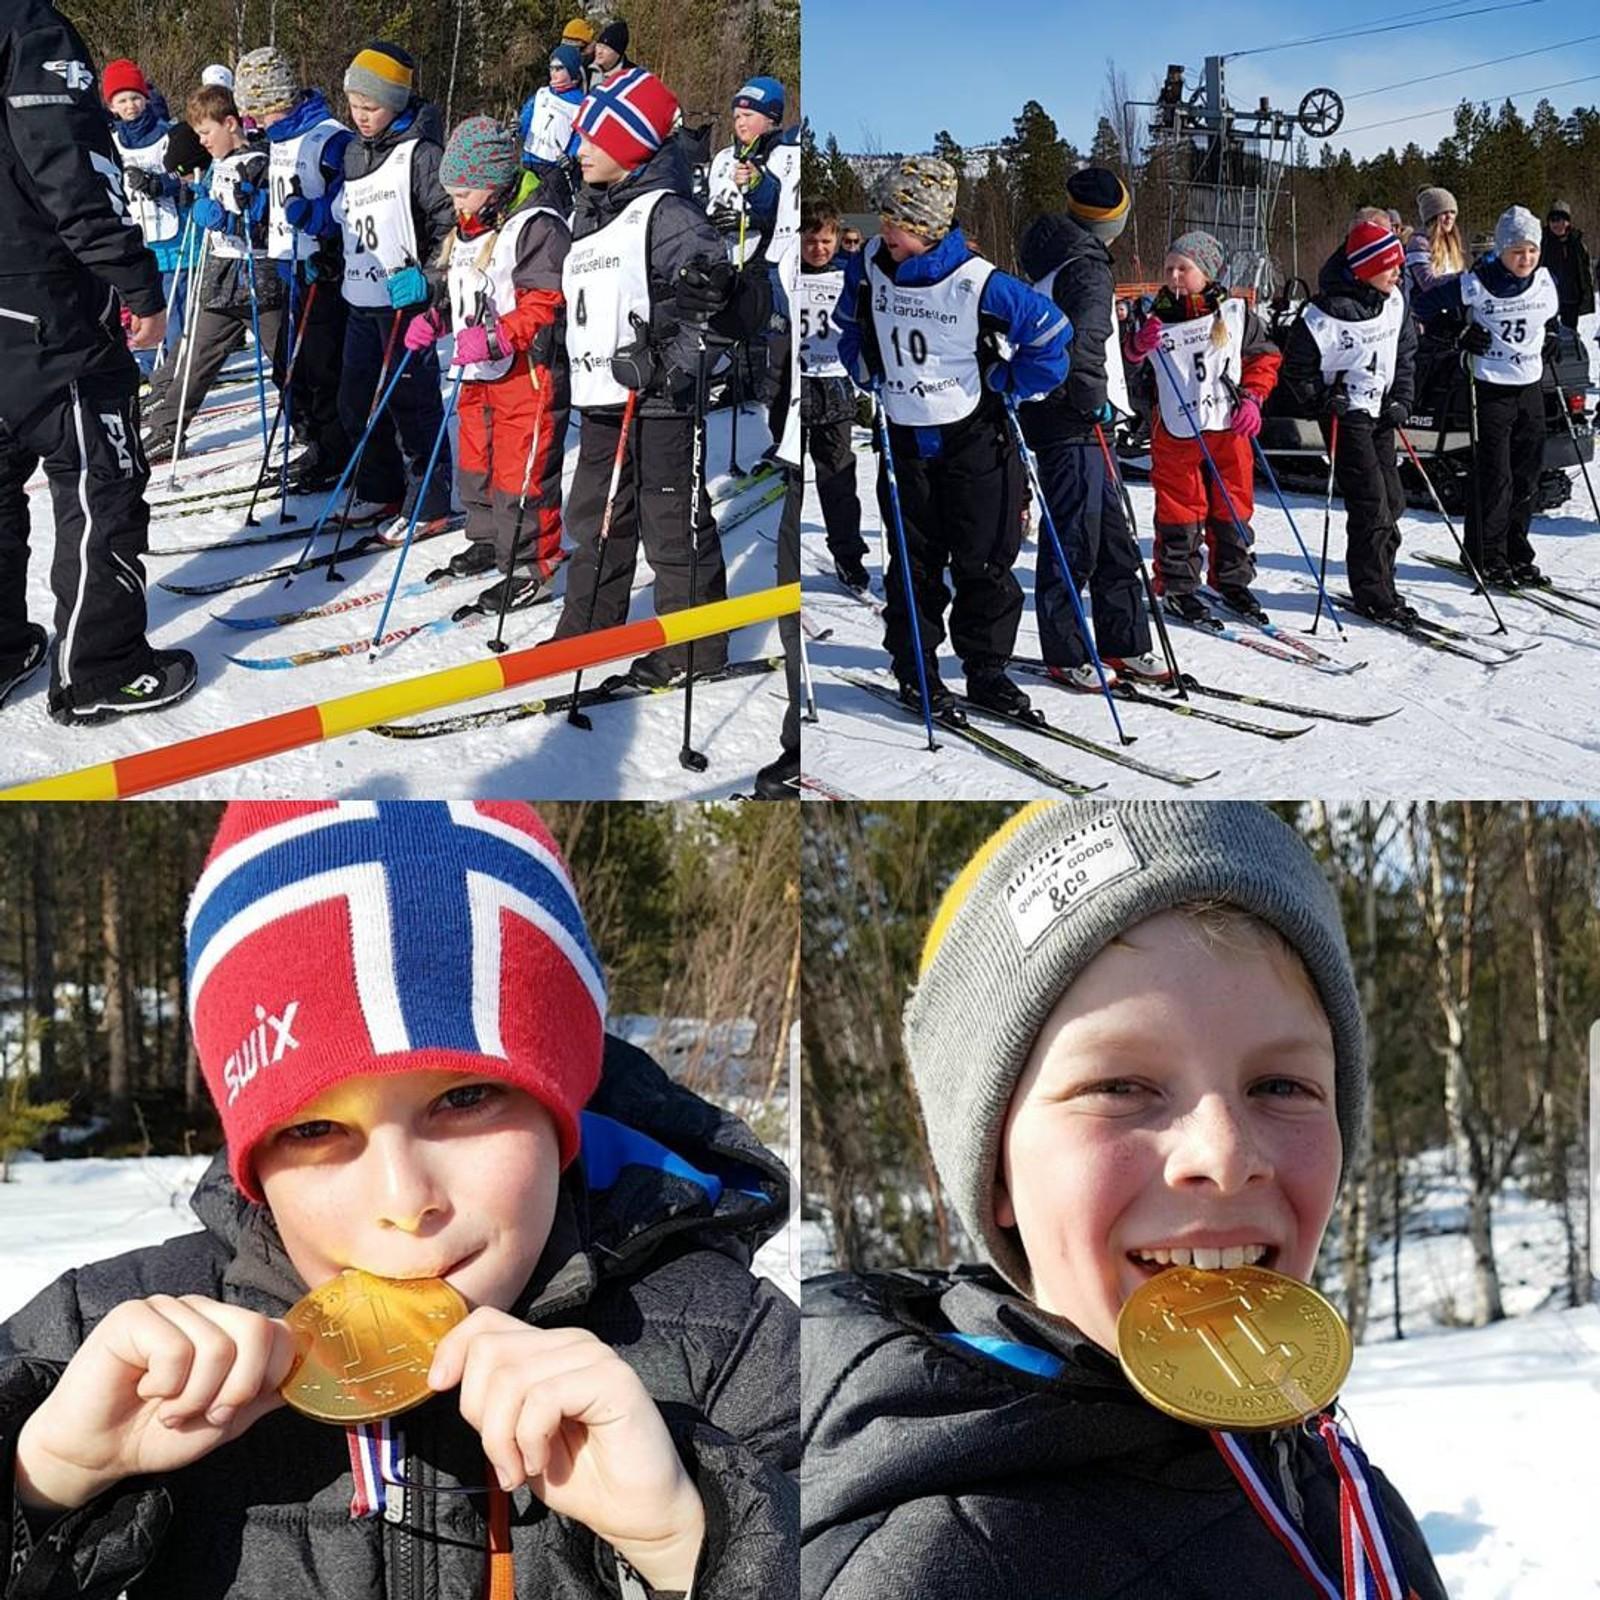 Nokre feira med skiløp for kreftforeininga i Junkerdalen.